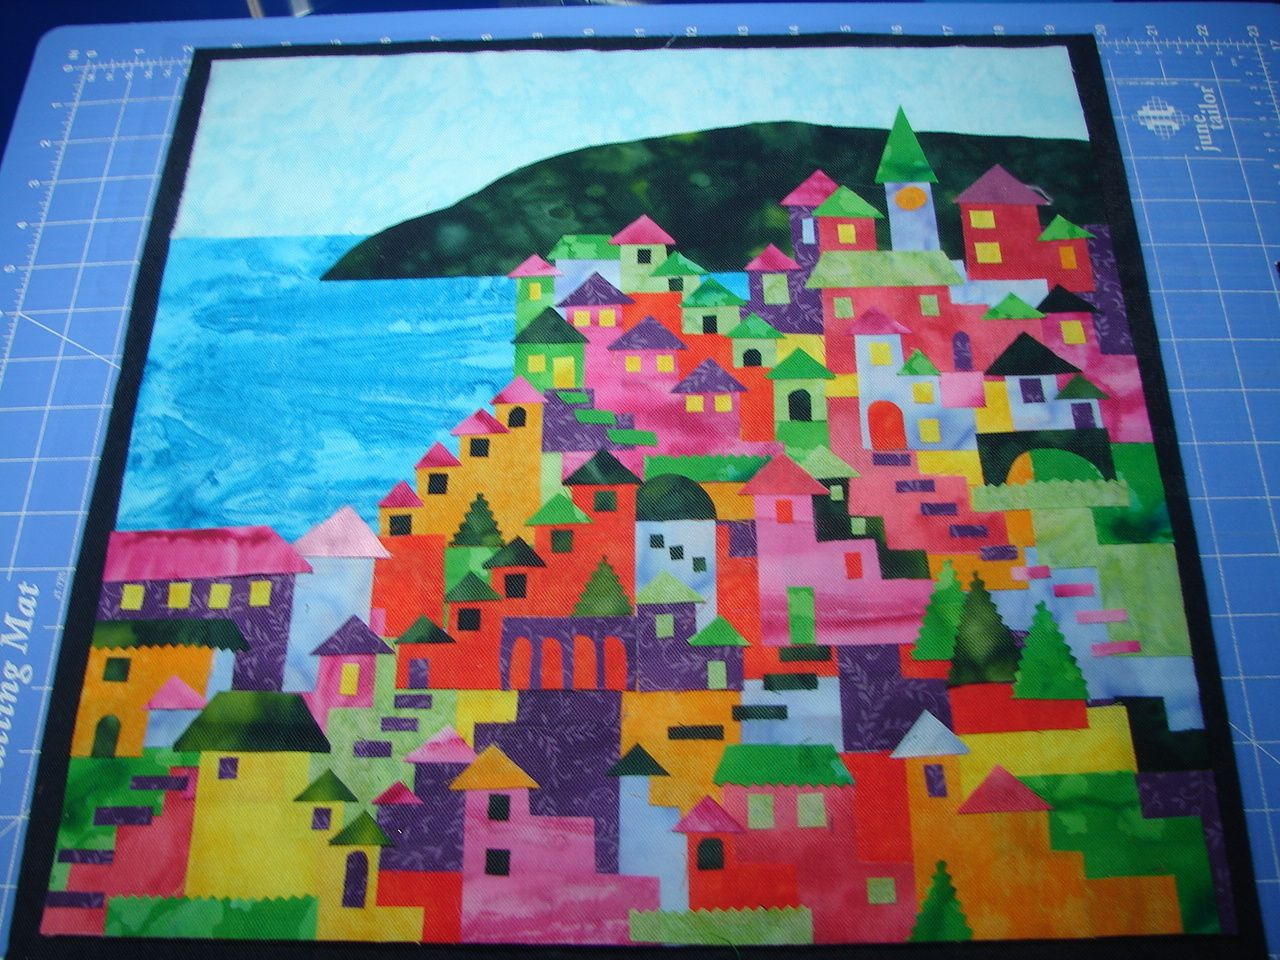 Wall Quilt In Progress From Karen Eckmeier S Quot Happy